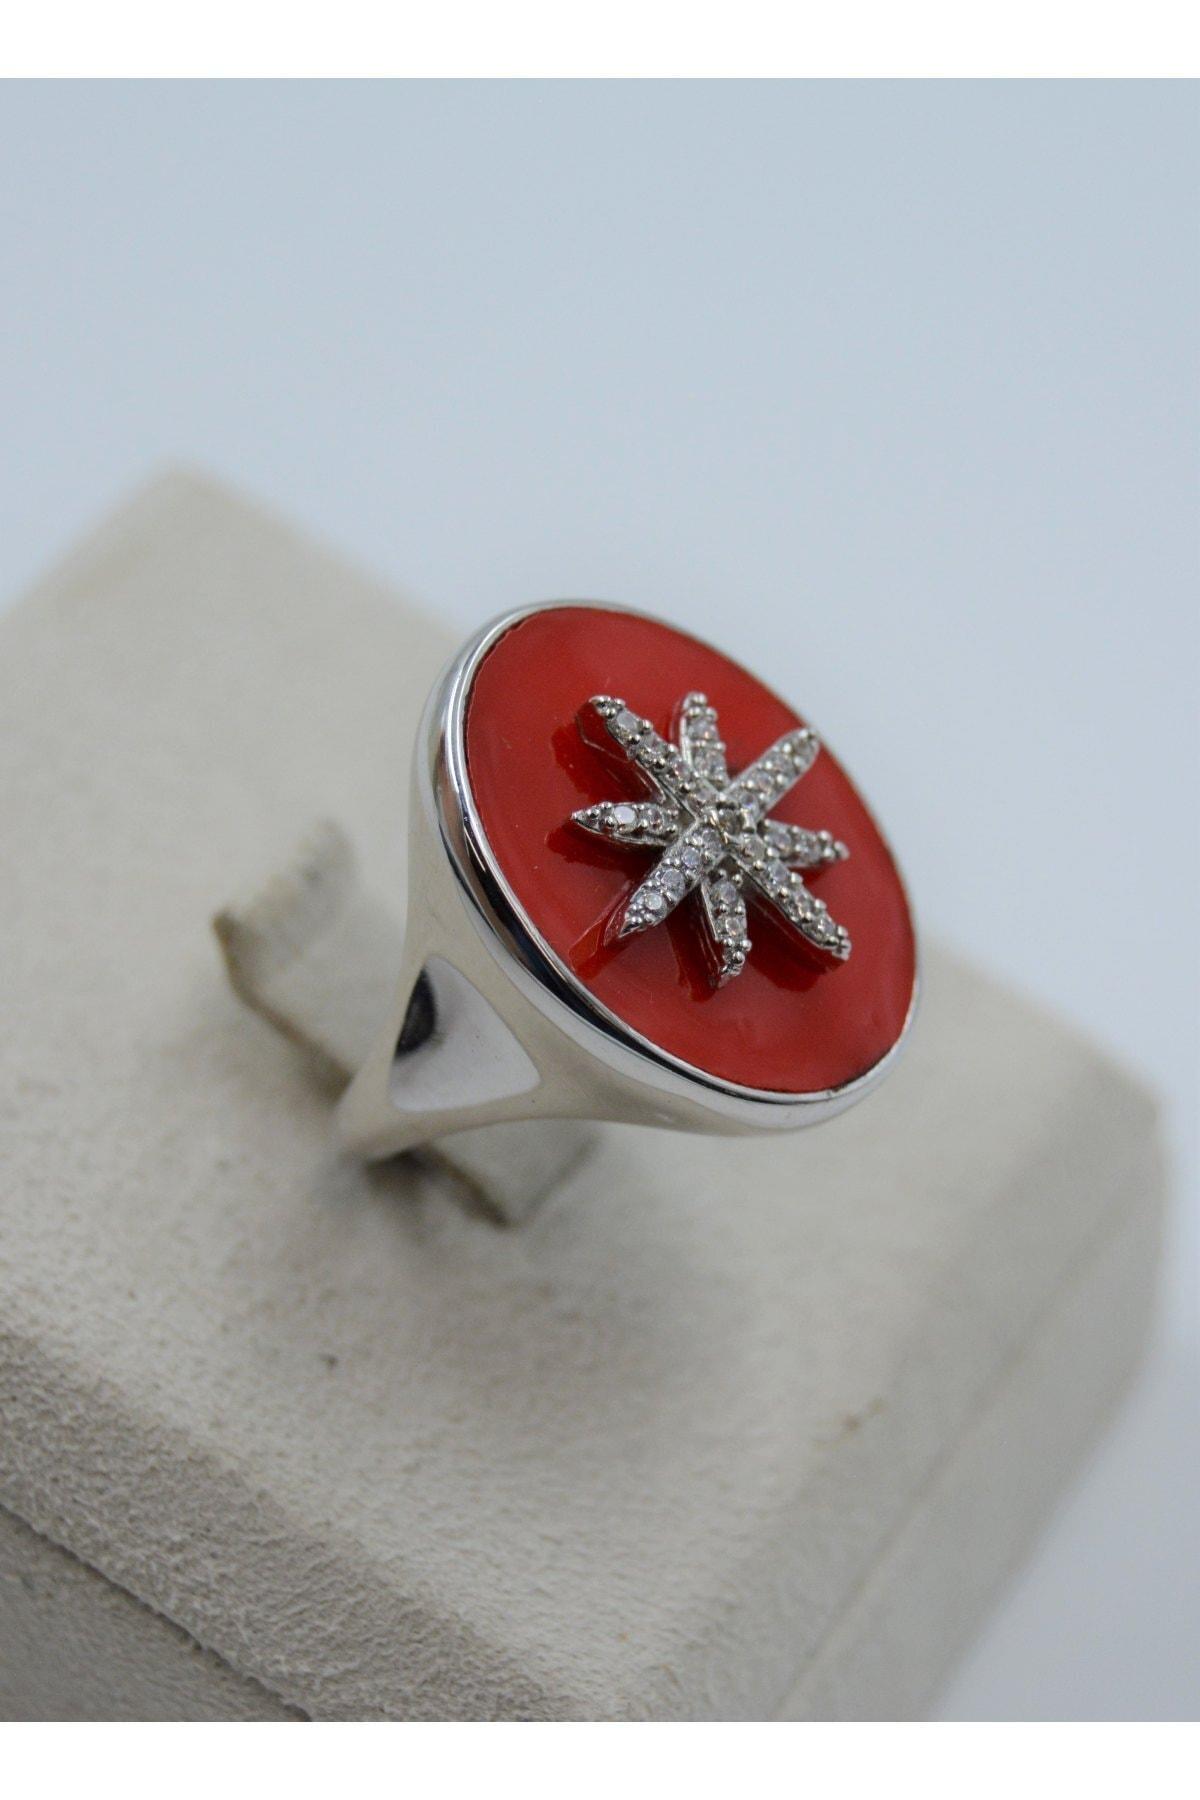 Swarovski Kutup Yıldızı Desenli Zirkon Taşlı 925 Ayar Gümüş Kadın Yüzük 2